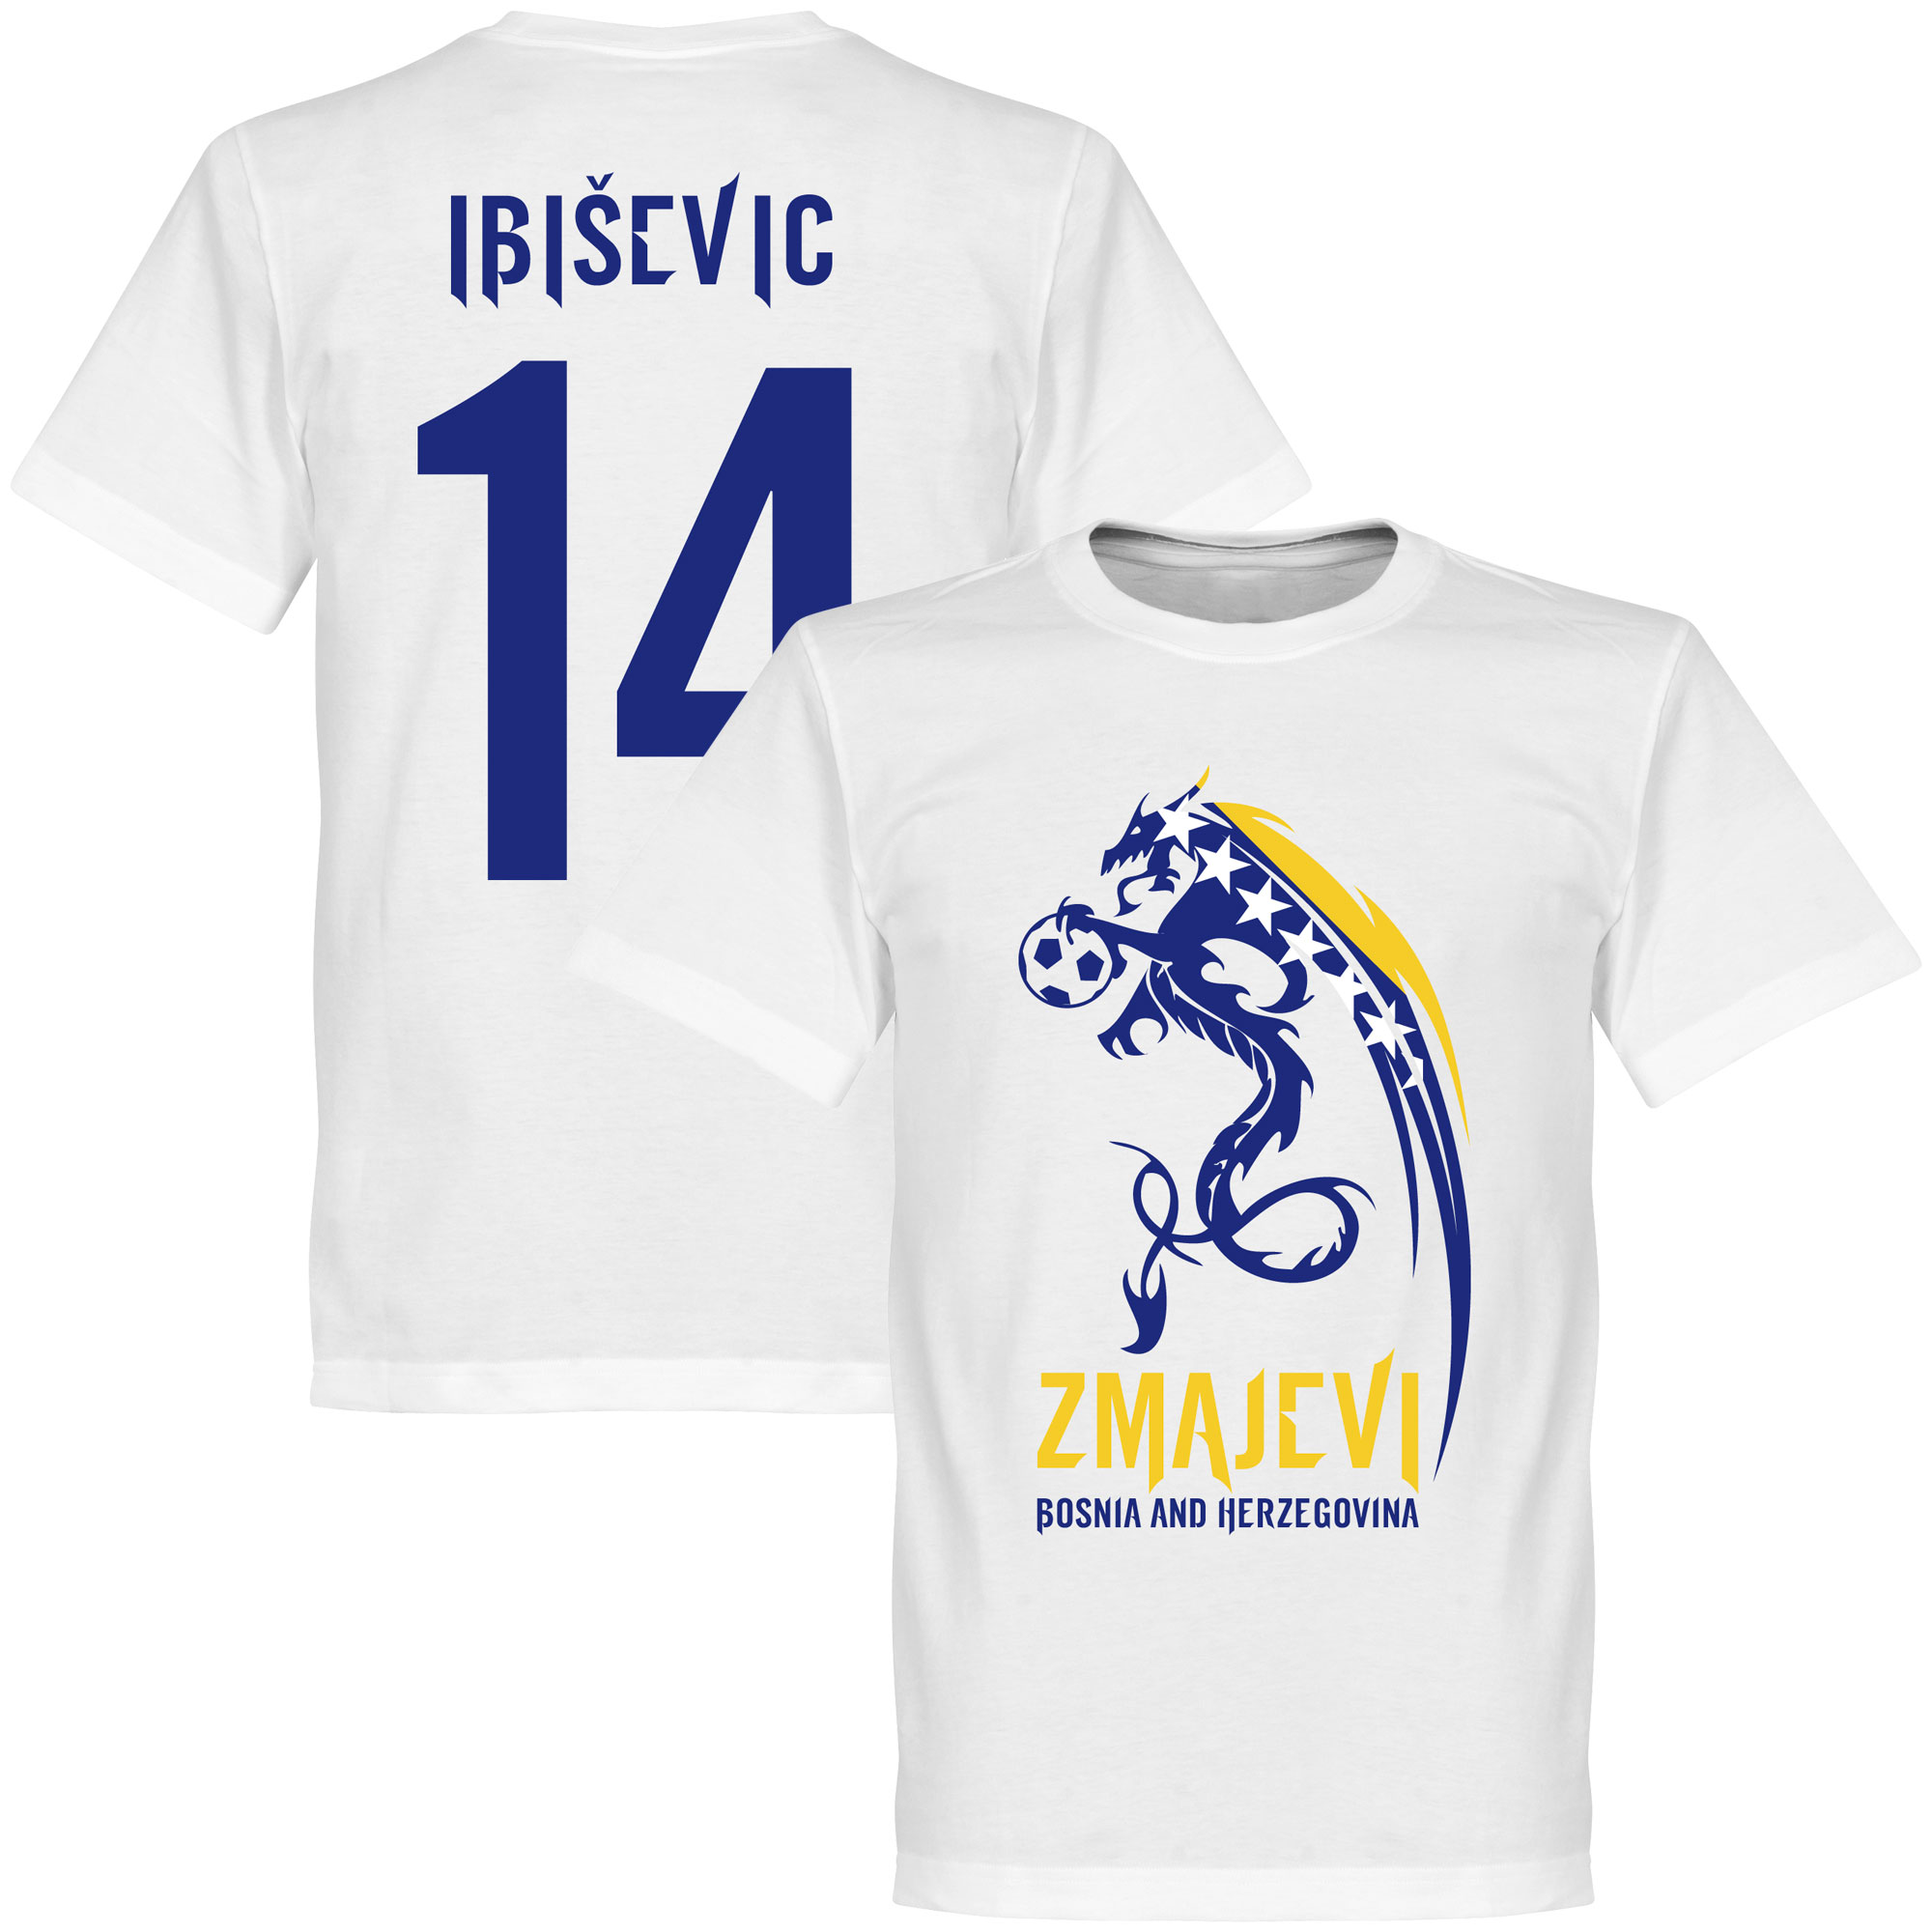 Bosnia Herzegovina Zmajevi Tee + Ibisevic 14 - White - M